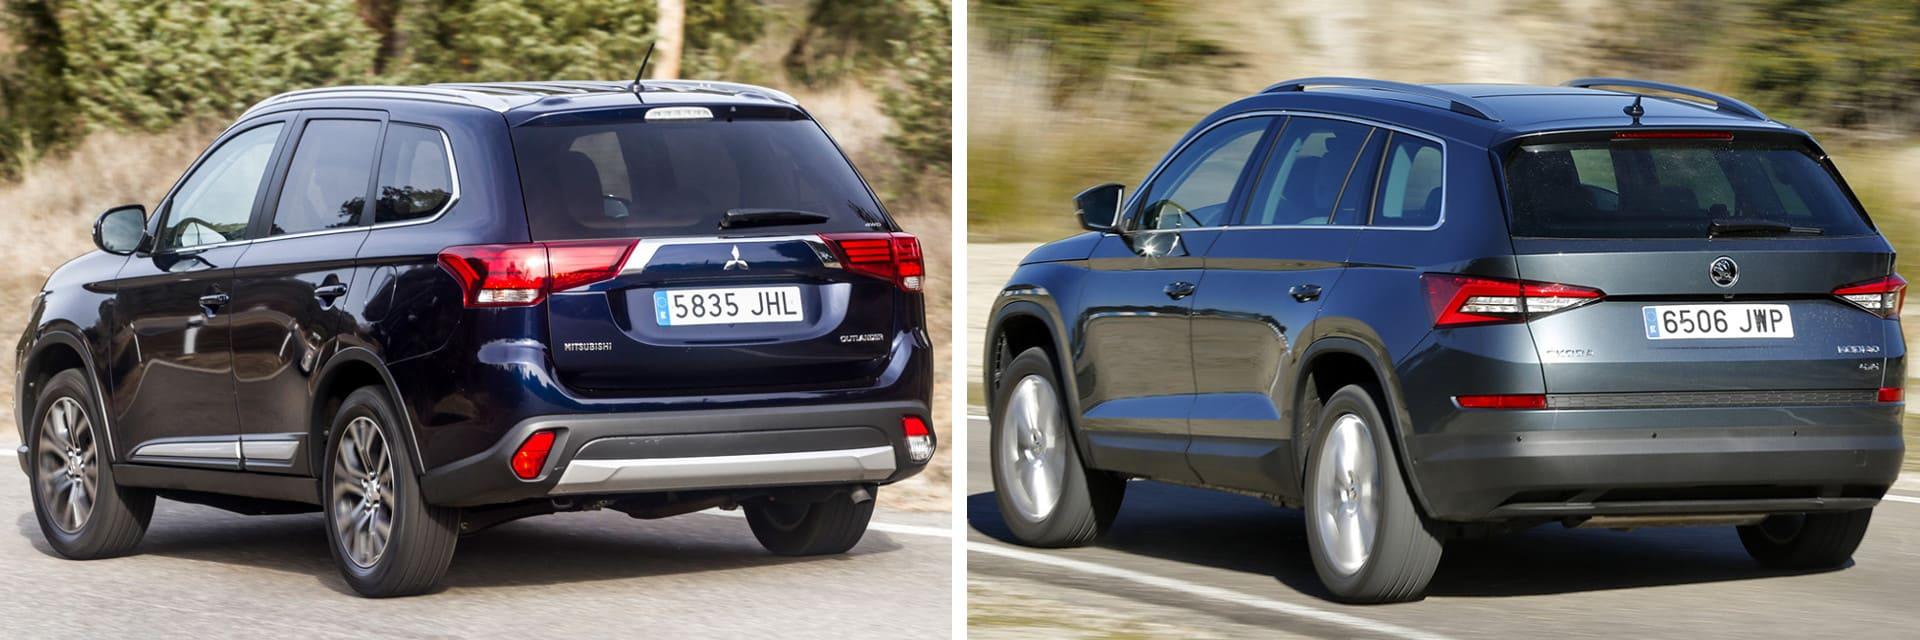 Las fotos del Mitsubishi Outlander corresponden al acabado indicado. Las fotos del Skoda Kodiaq corresponden al acabado indicado. Fotos cedidas por km77.